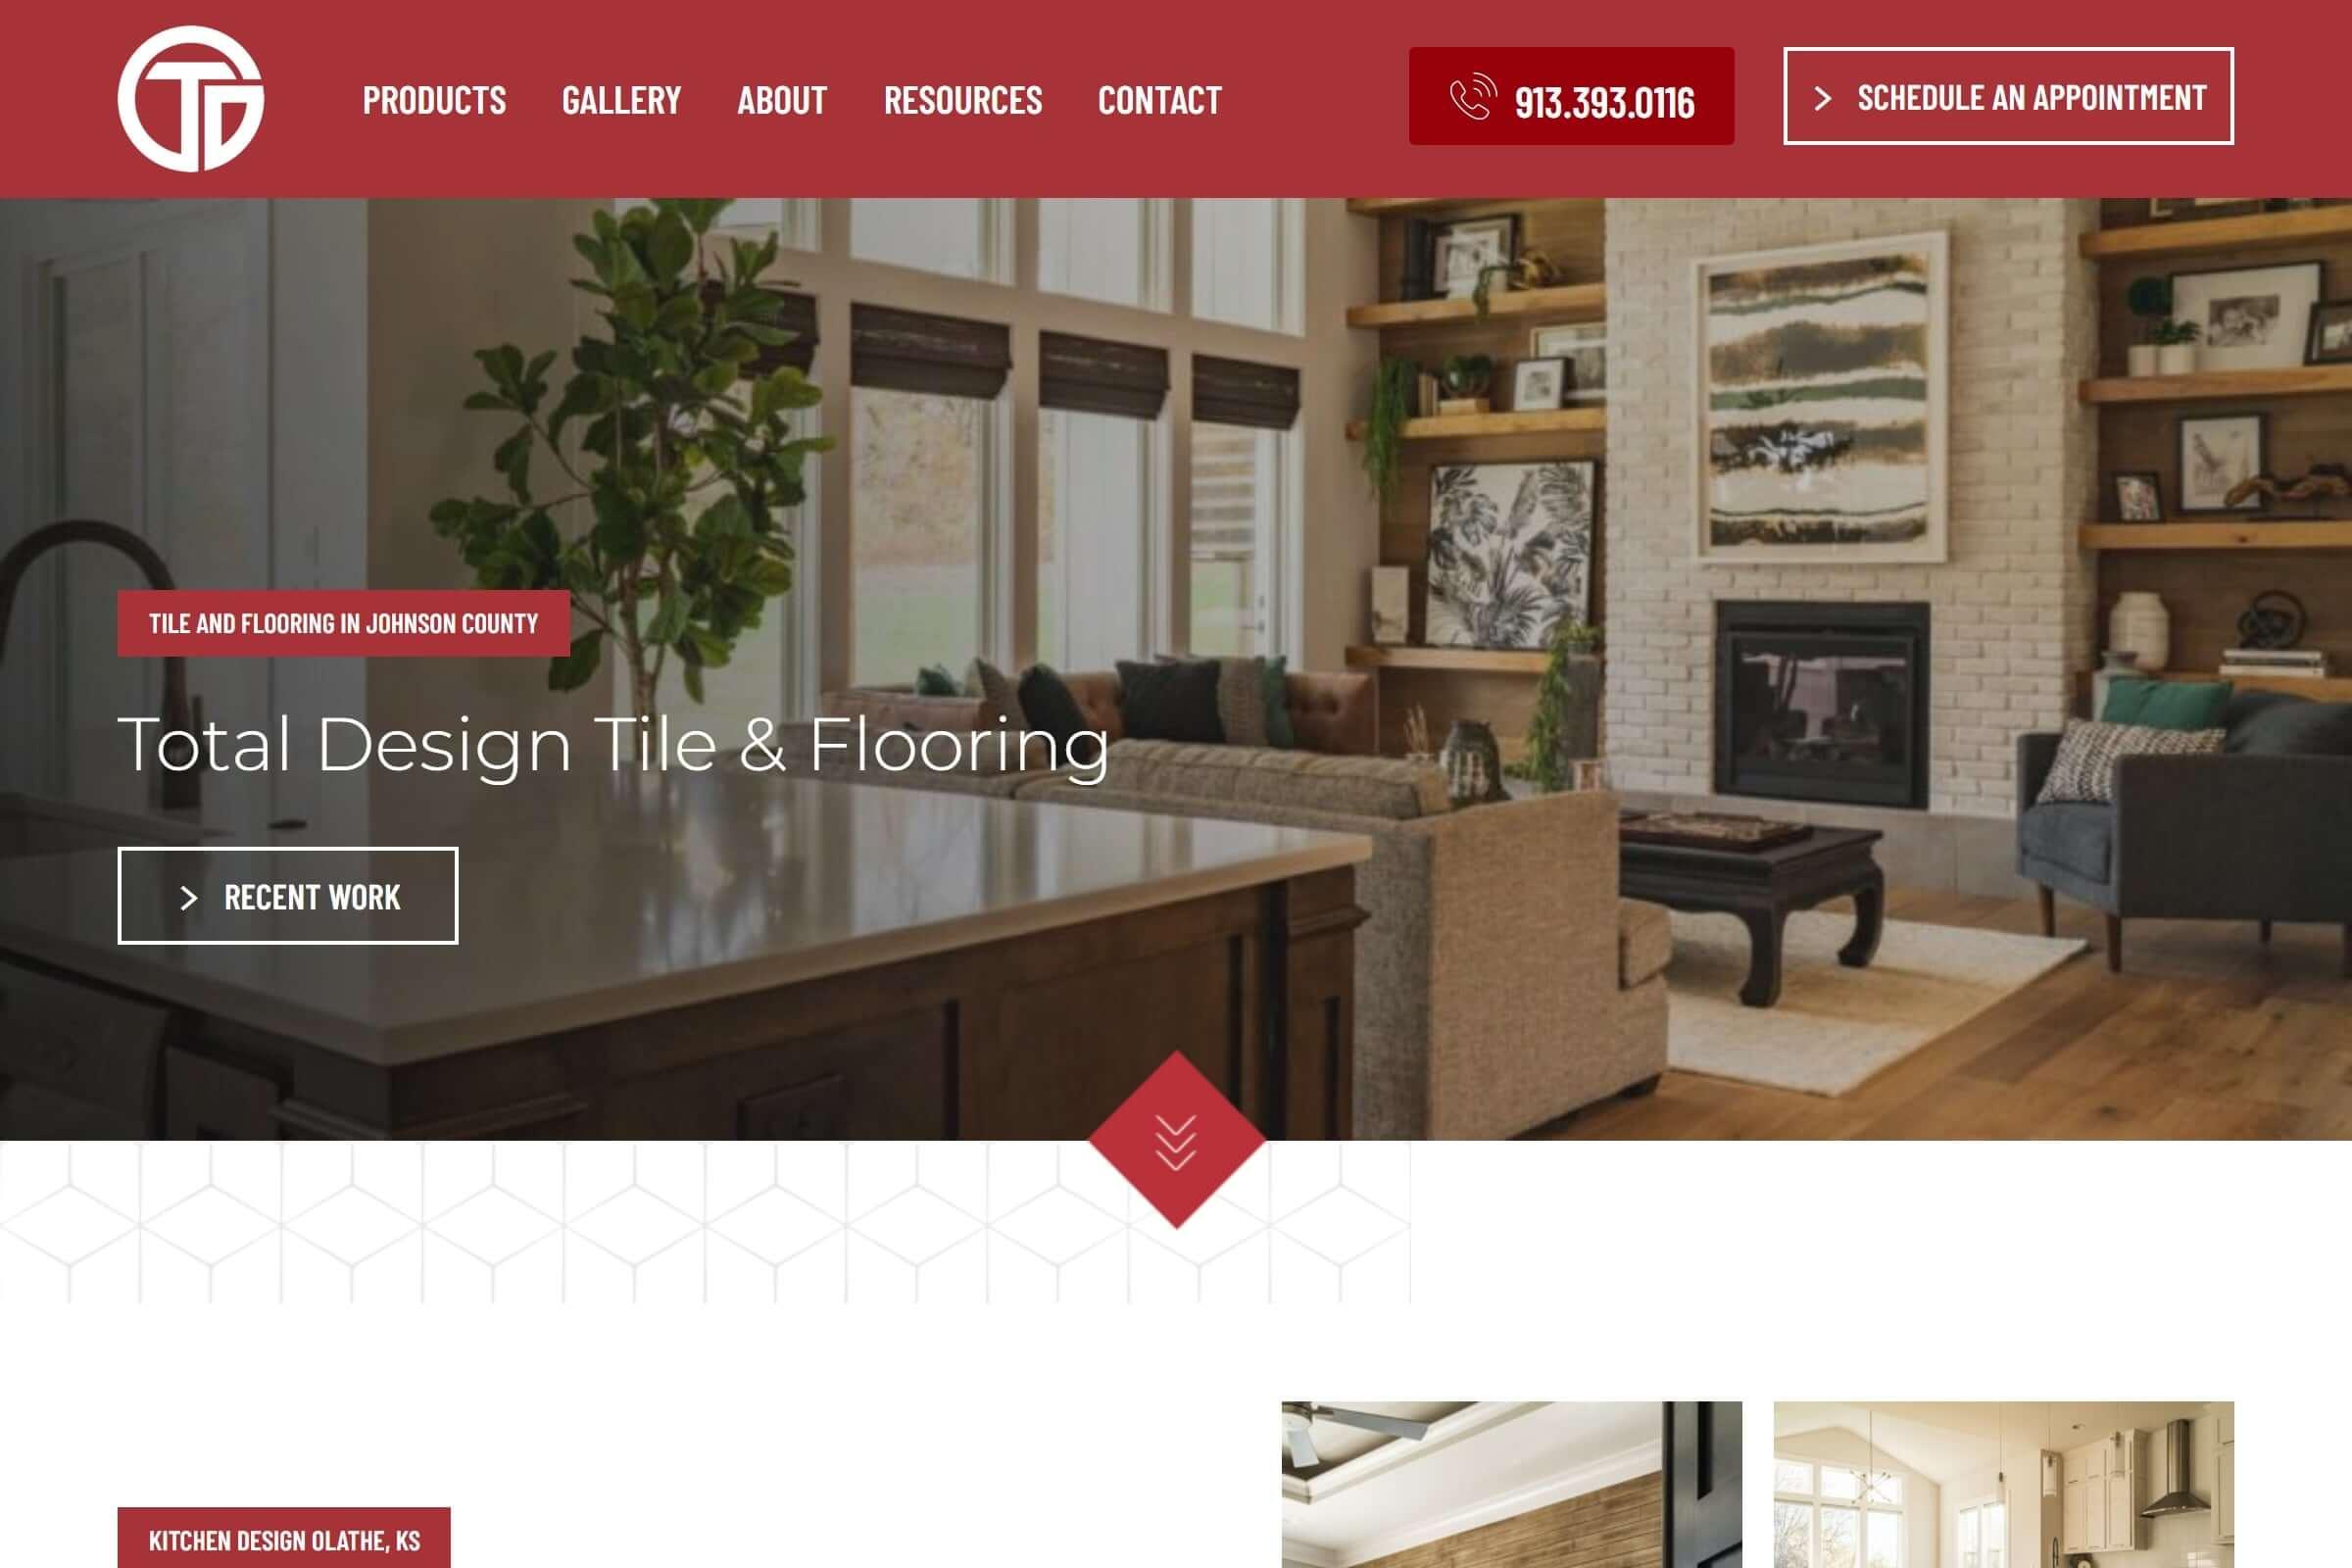 Total Design Tile & Flooring